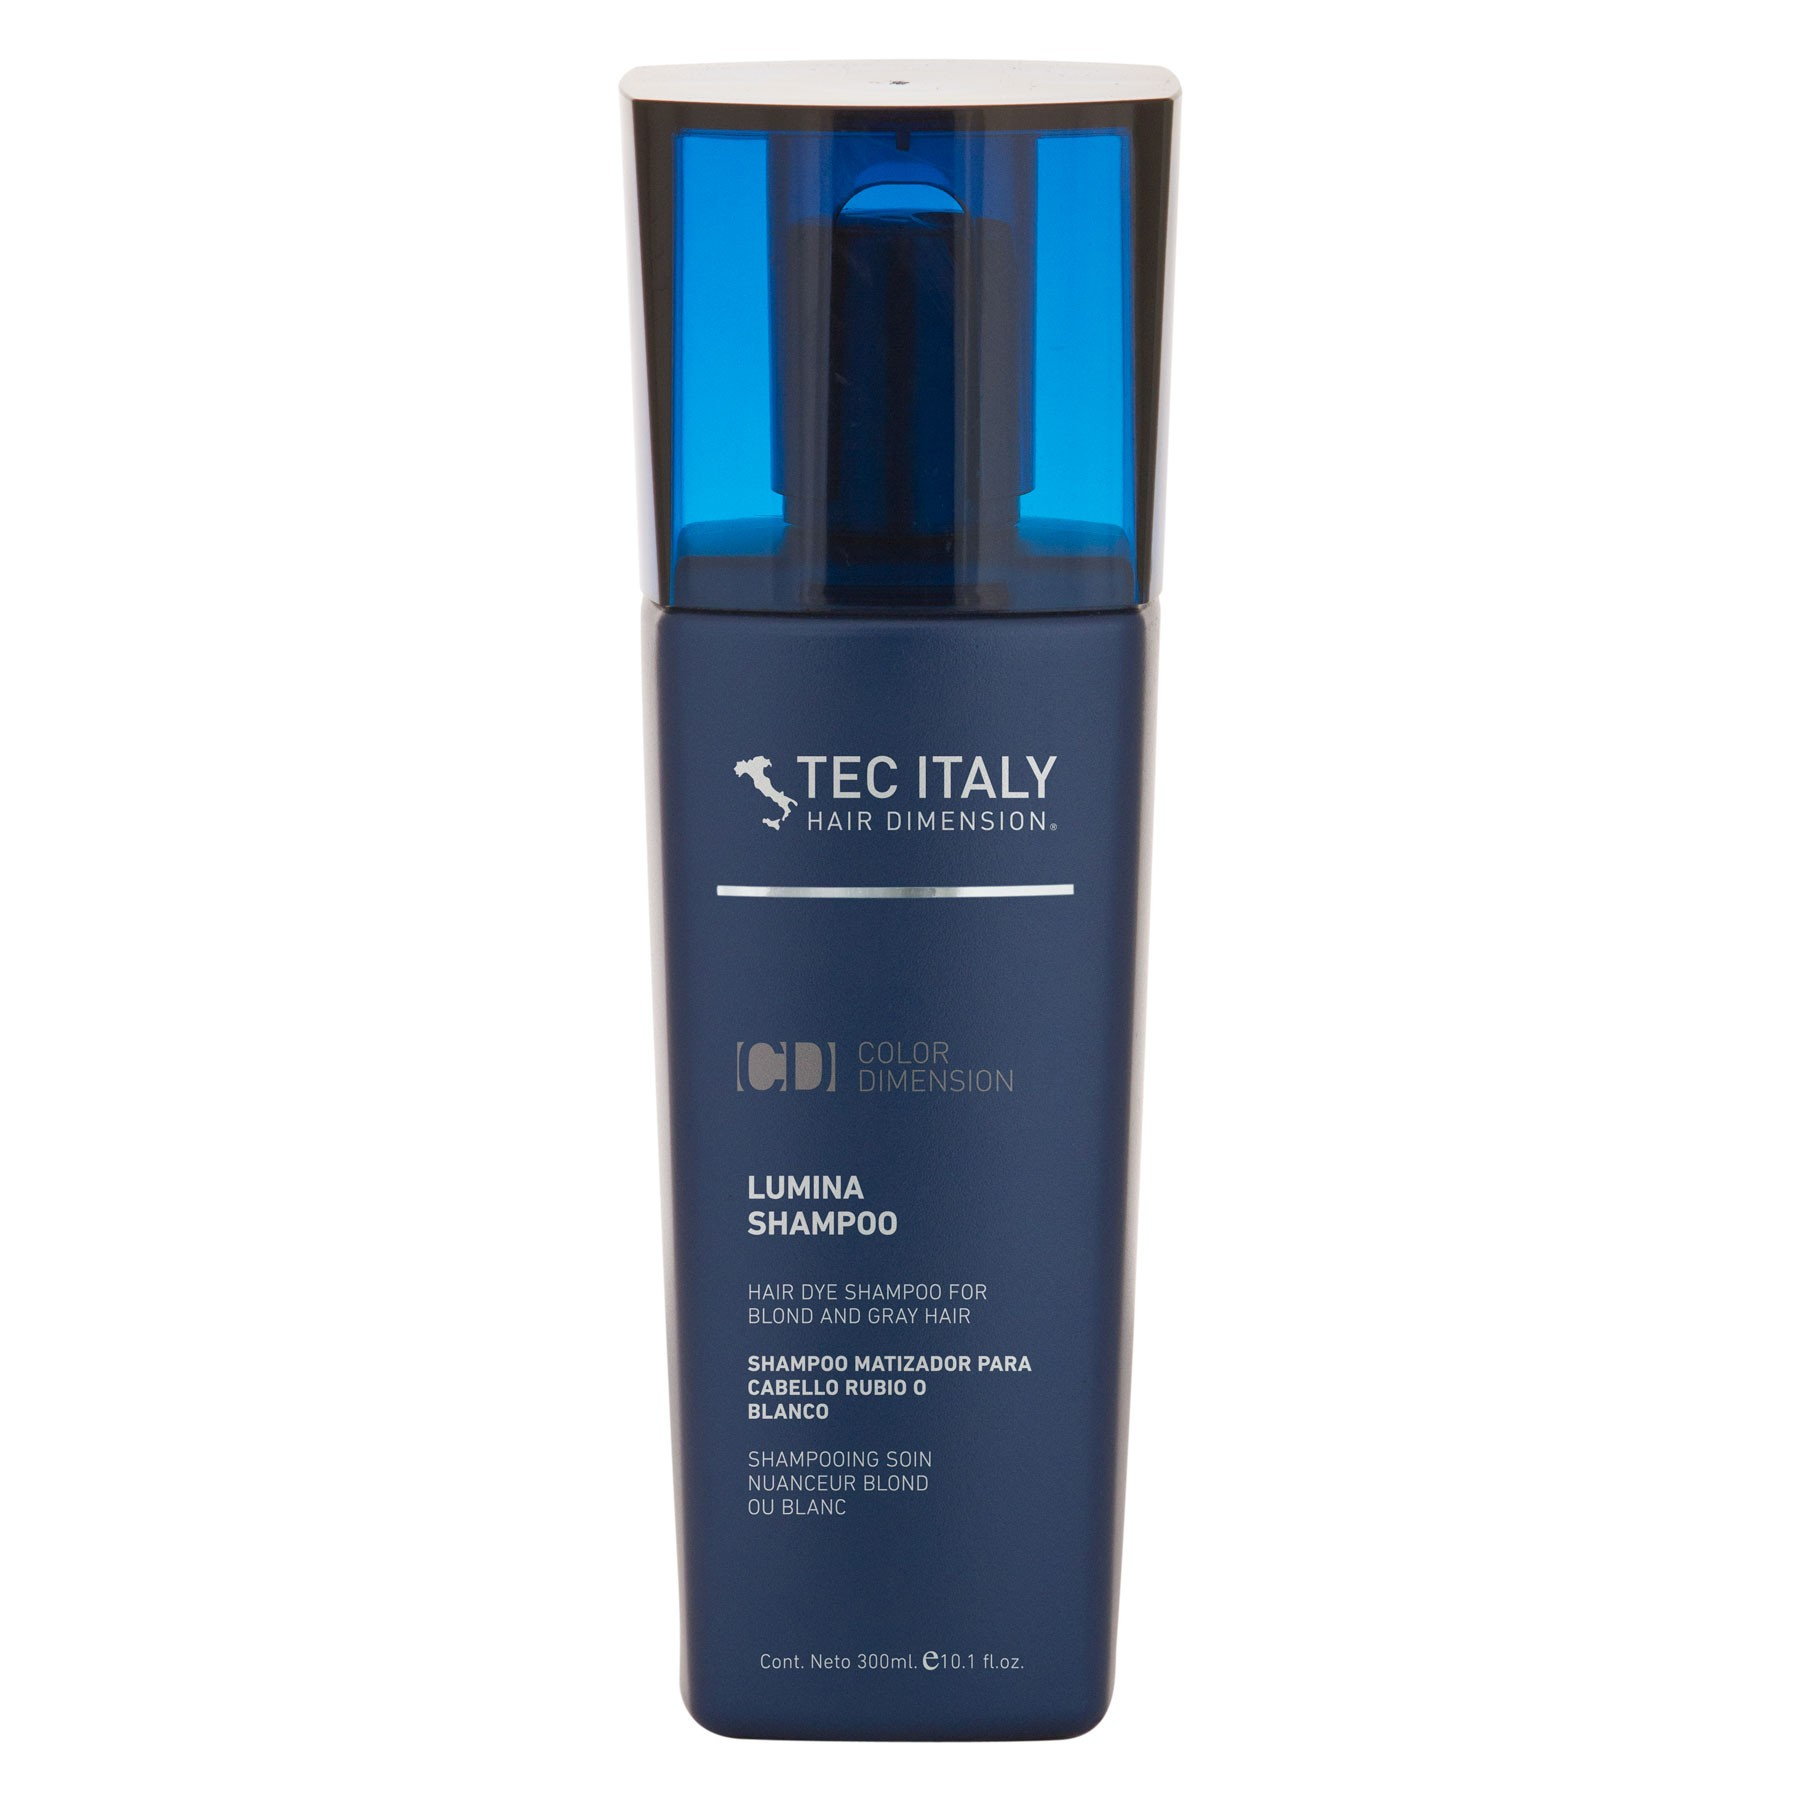 Shampoo Lumina Color Dimension Matizador Rubios Tec Italy Tienda de la Belleza